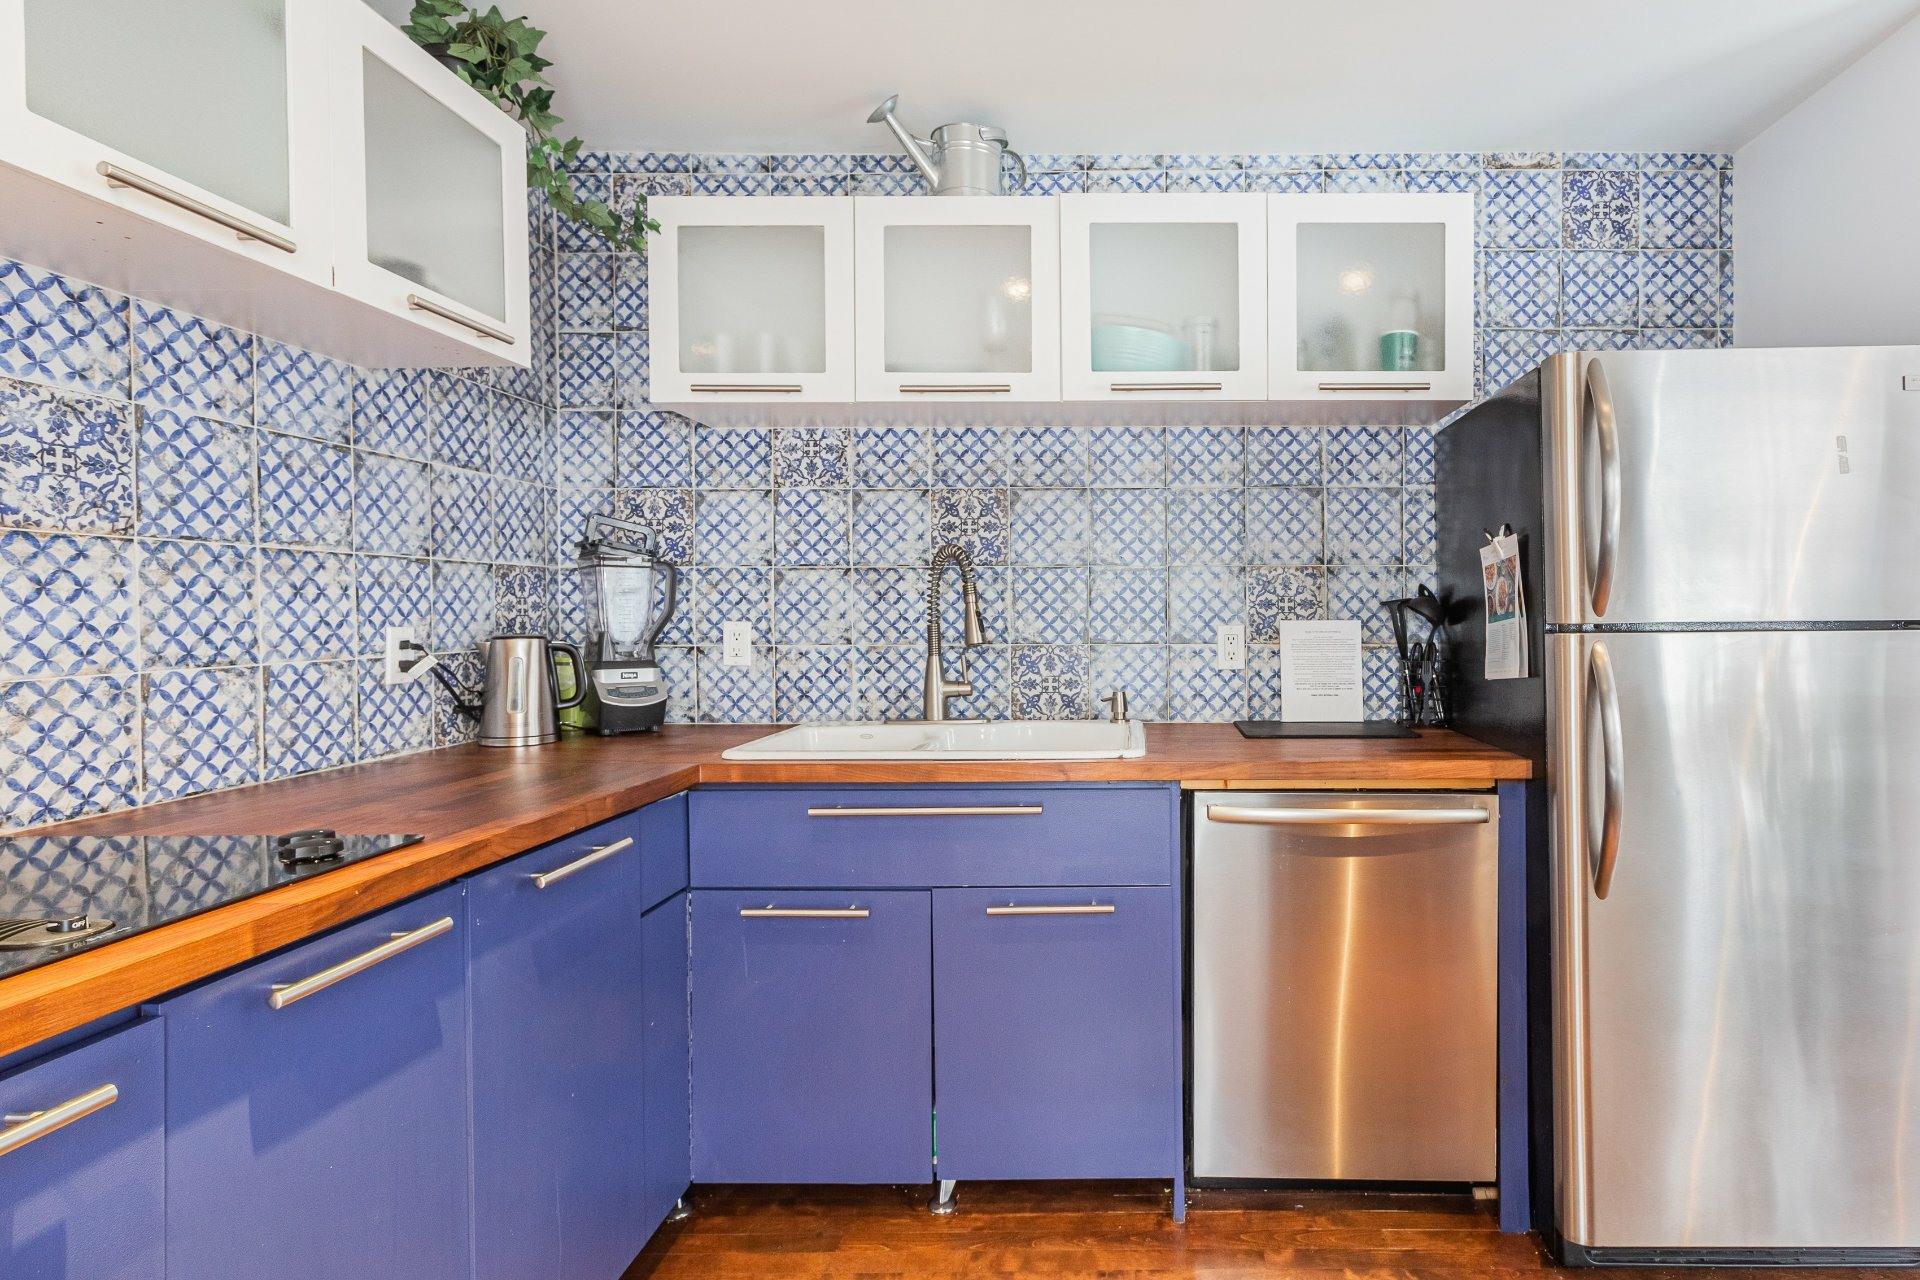 image 11 - Apartment For sale Ville-Marie Montréal  - 5 rooms